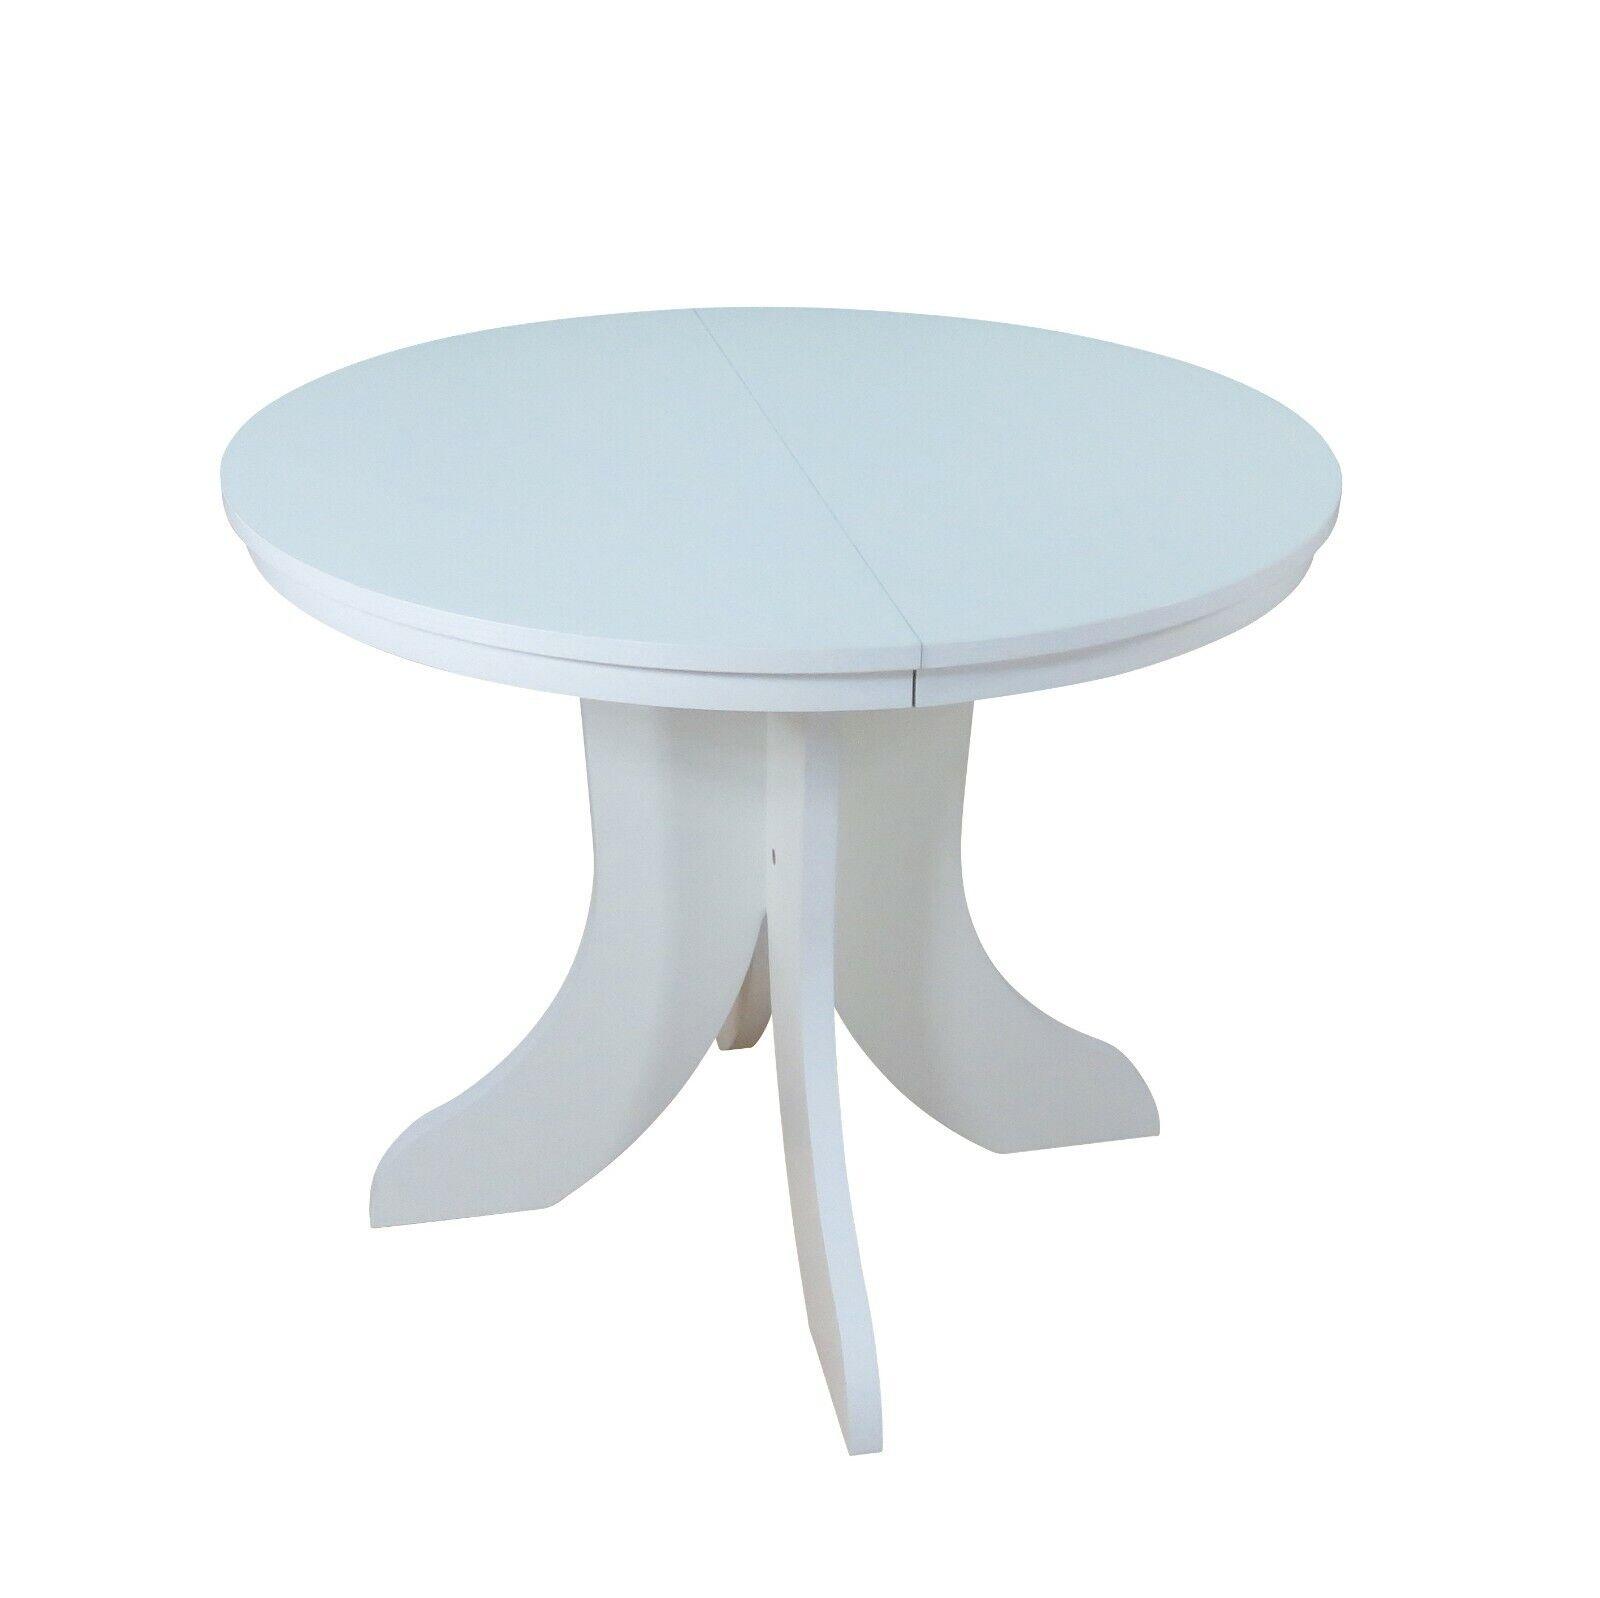 Esszimmertisch weiß rund Esstisch mit Funktion erweiterbar Auszug verstellbar